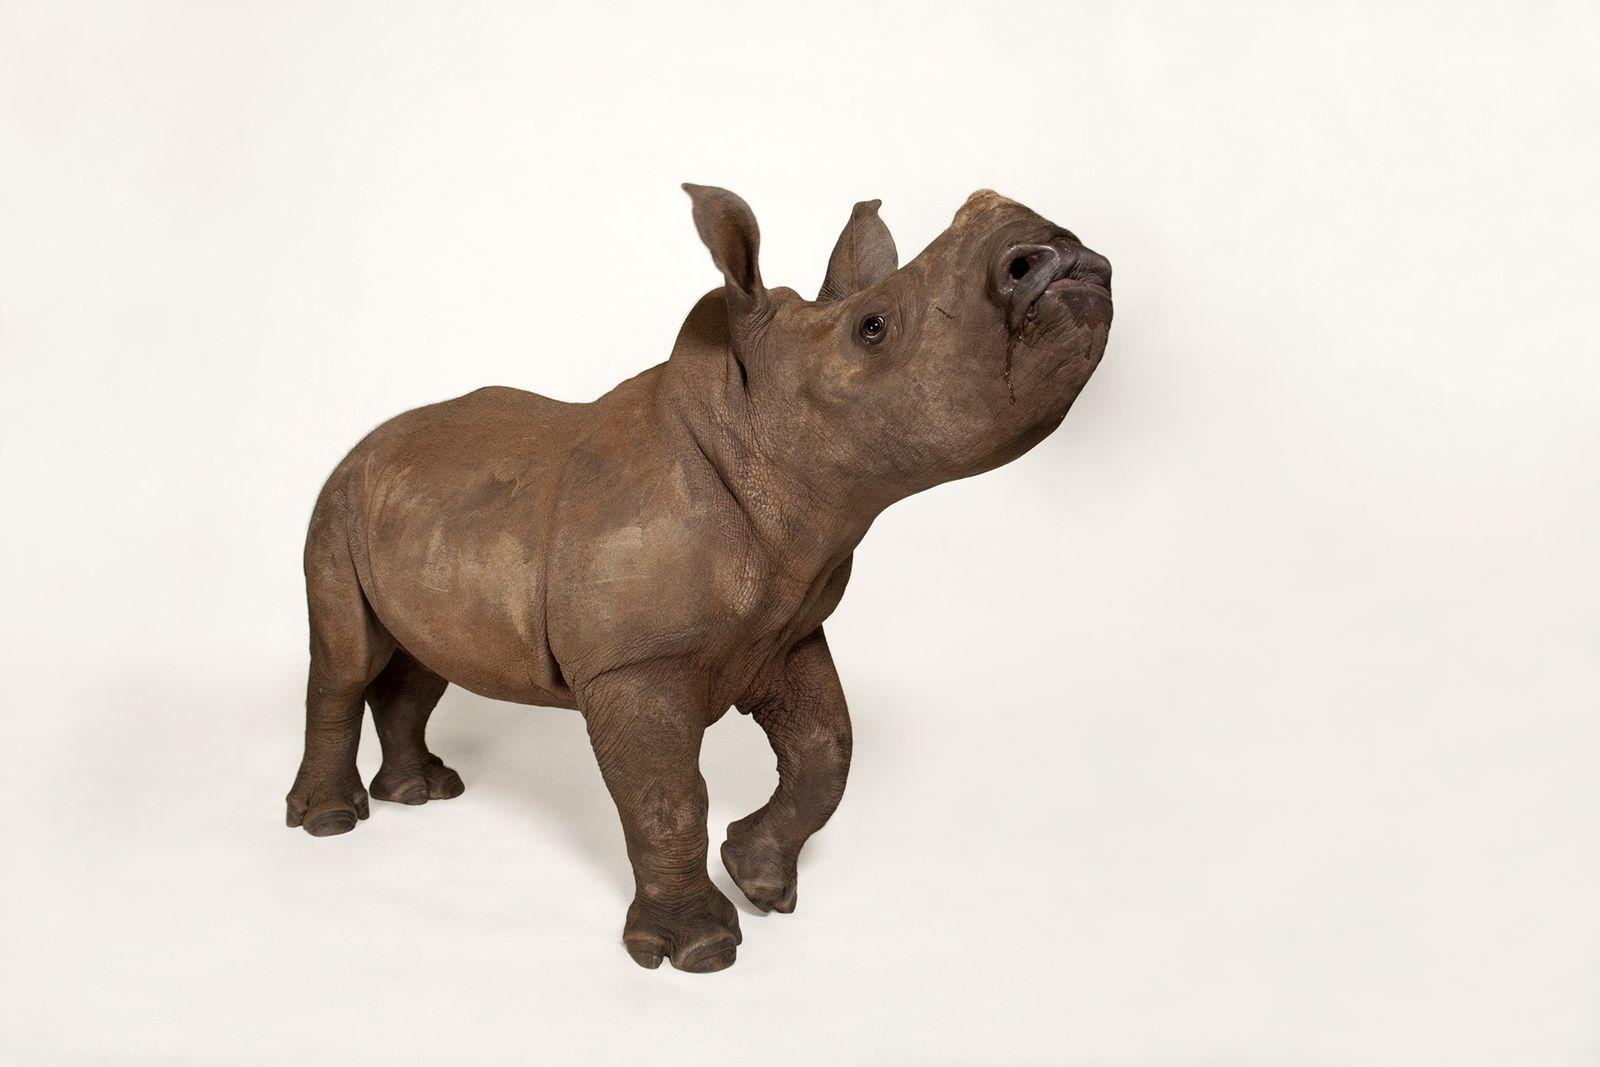 Se creía que los rinocerontes blanco se habían extinguido a finales del siglo XIX hasta que ...